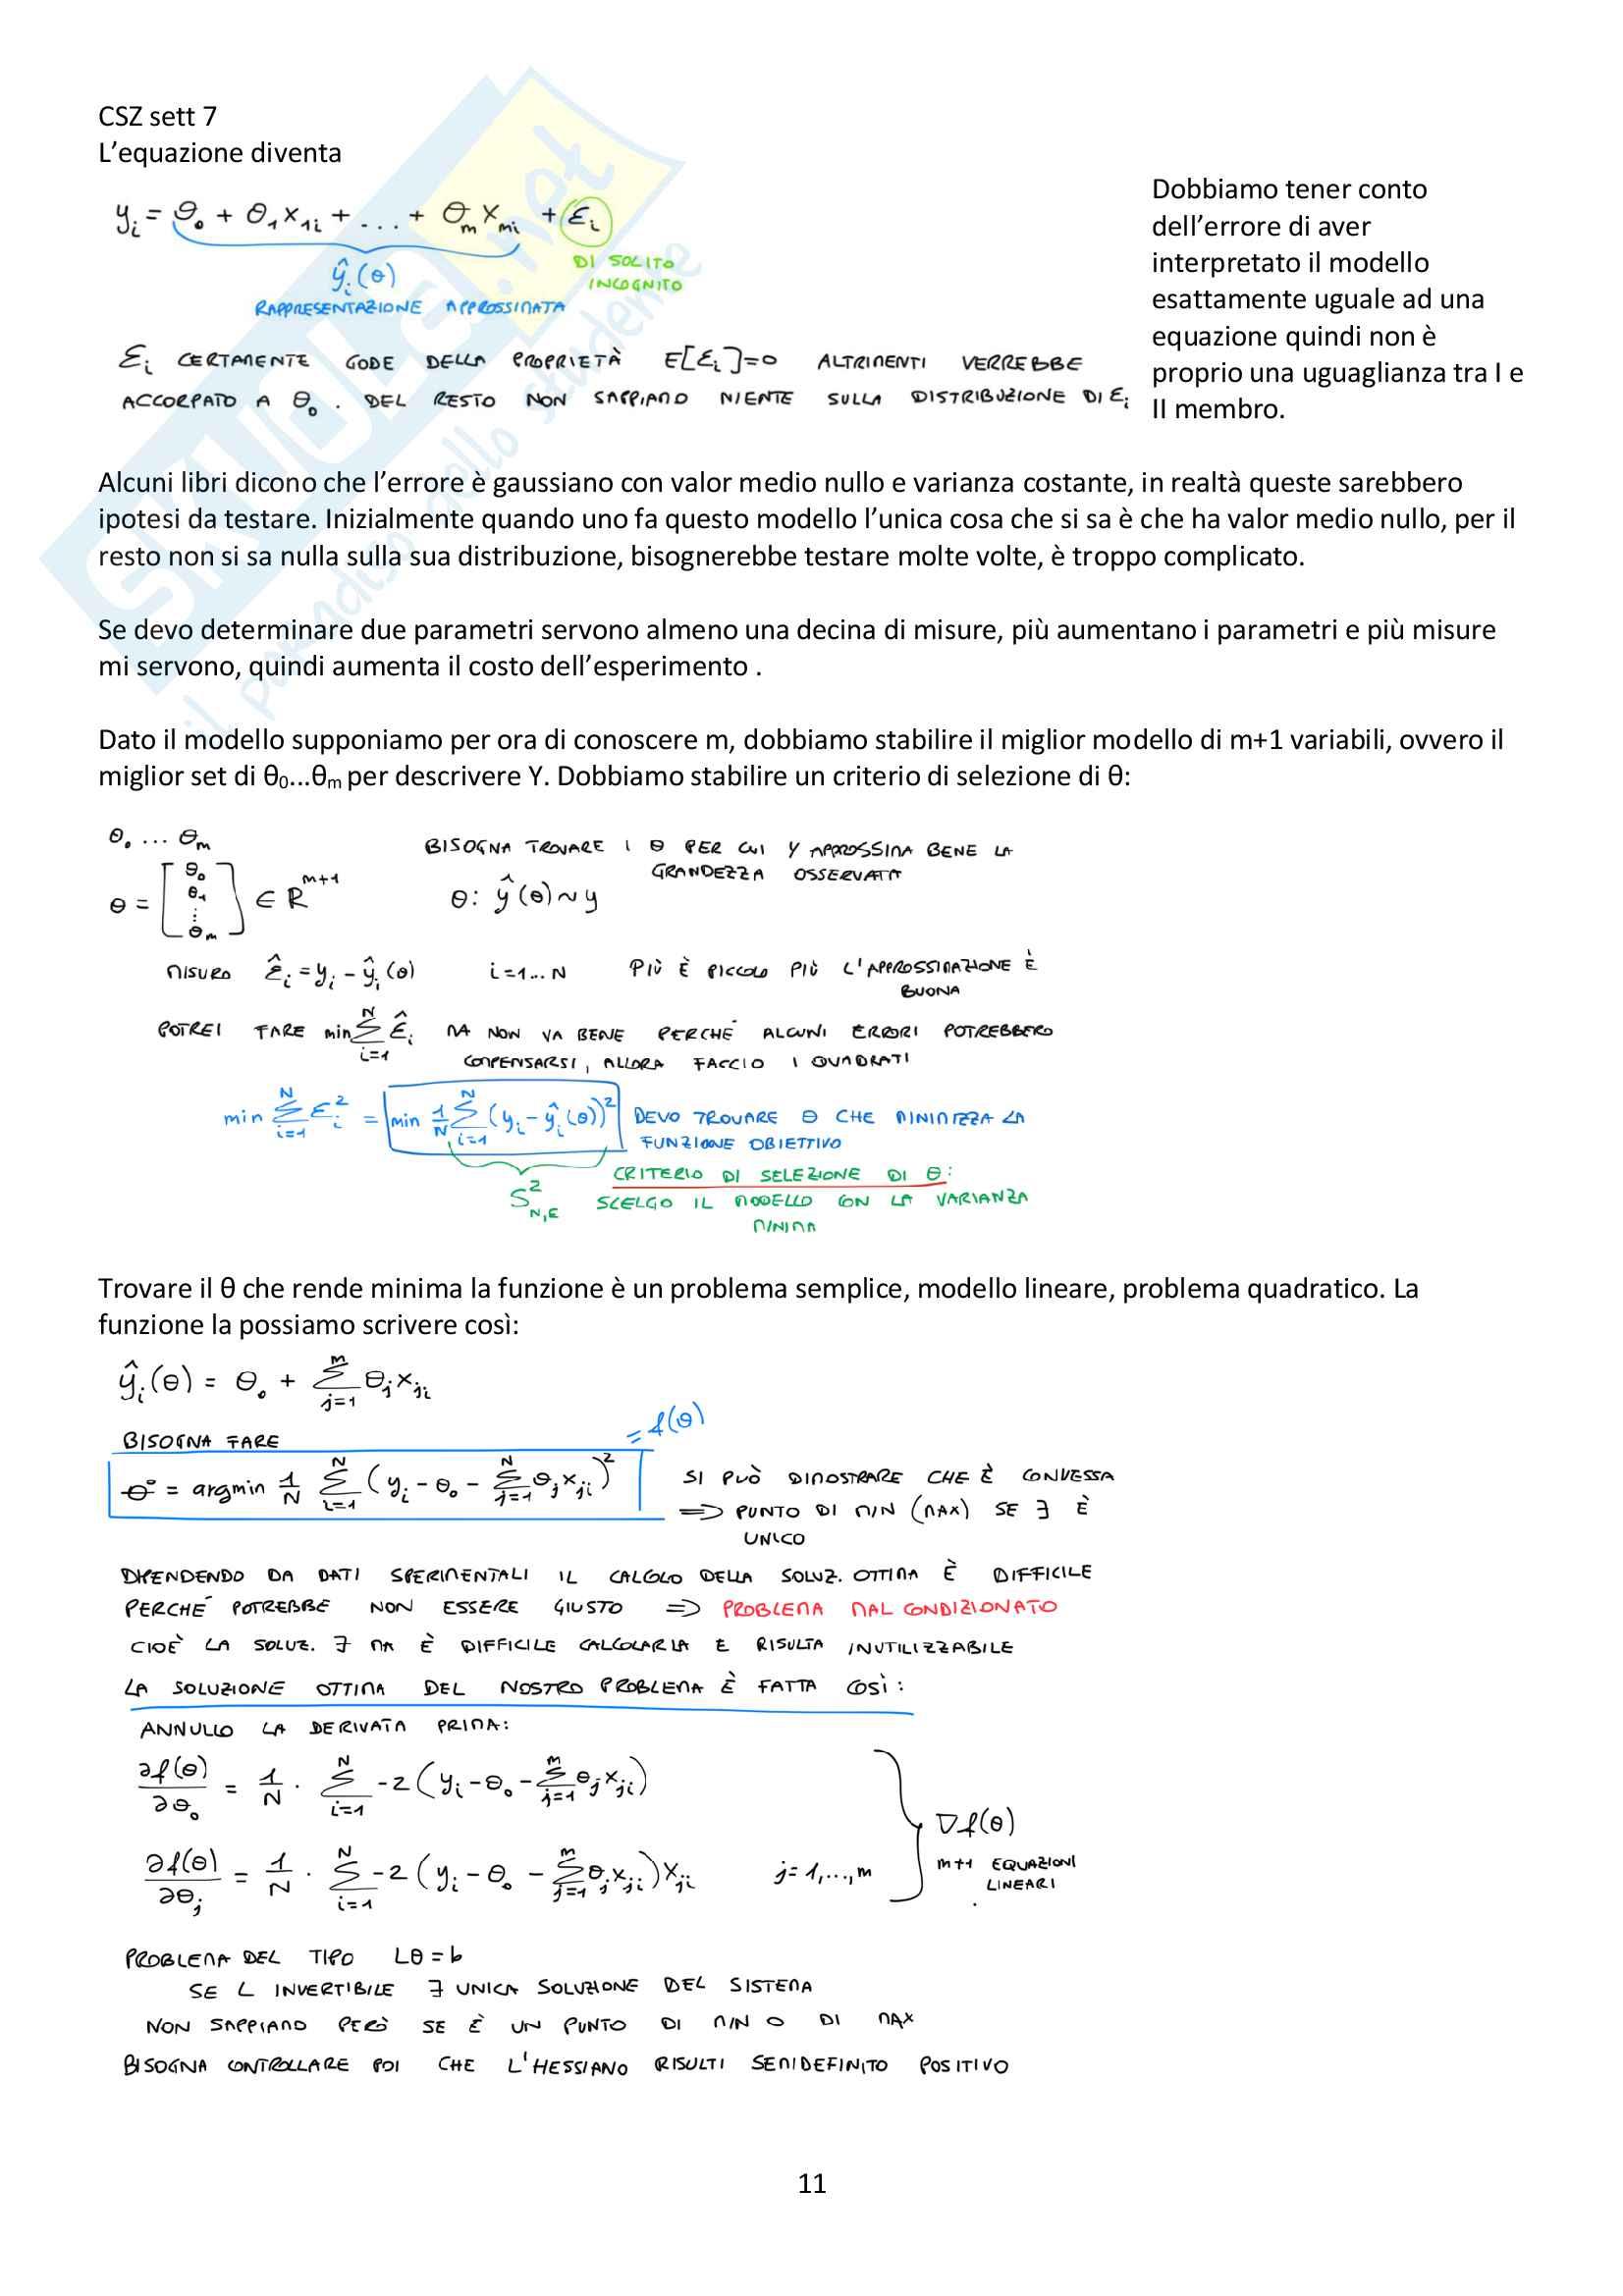 Appunti del corso Modellistica e identificazione, prof. De Santis Pag. 61